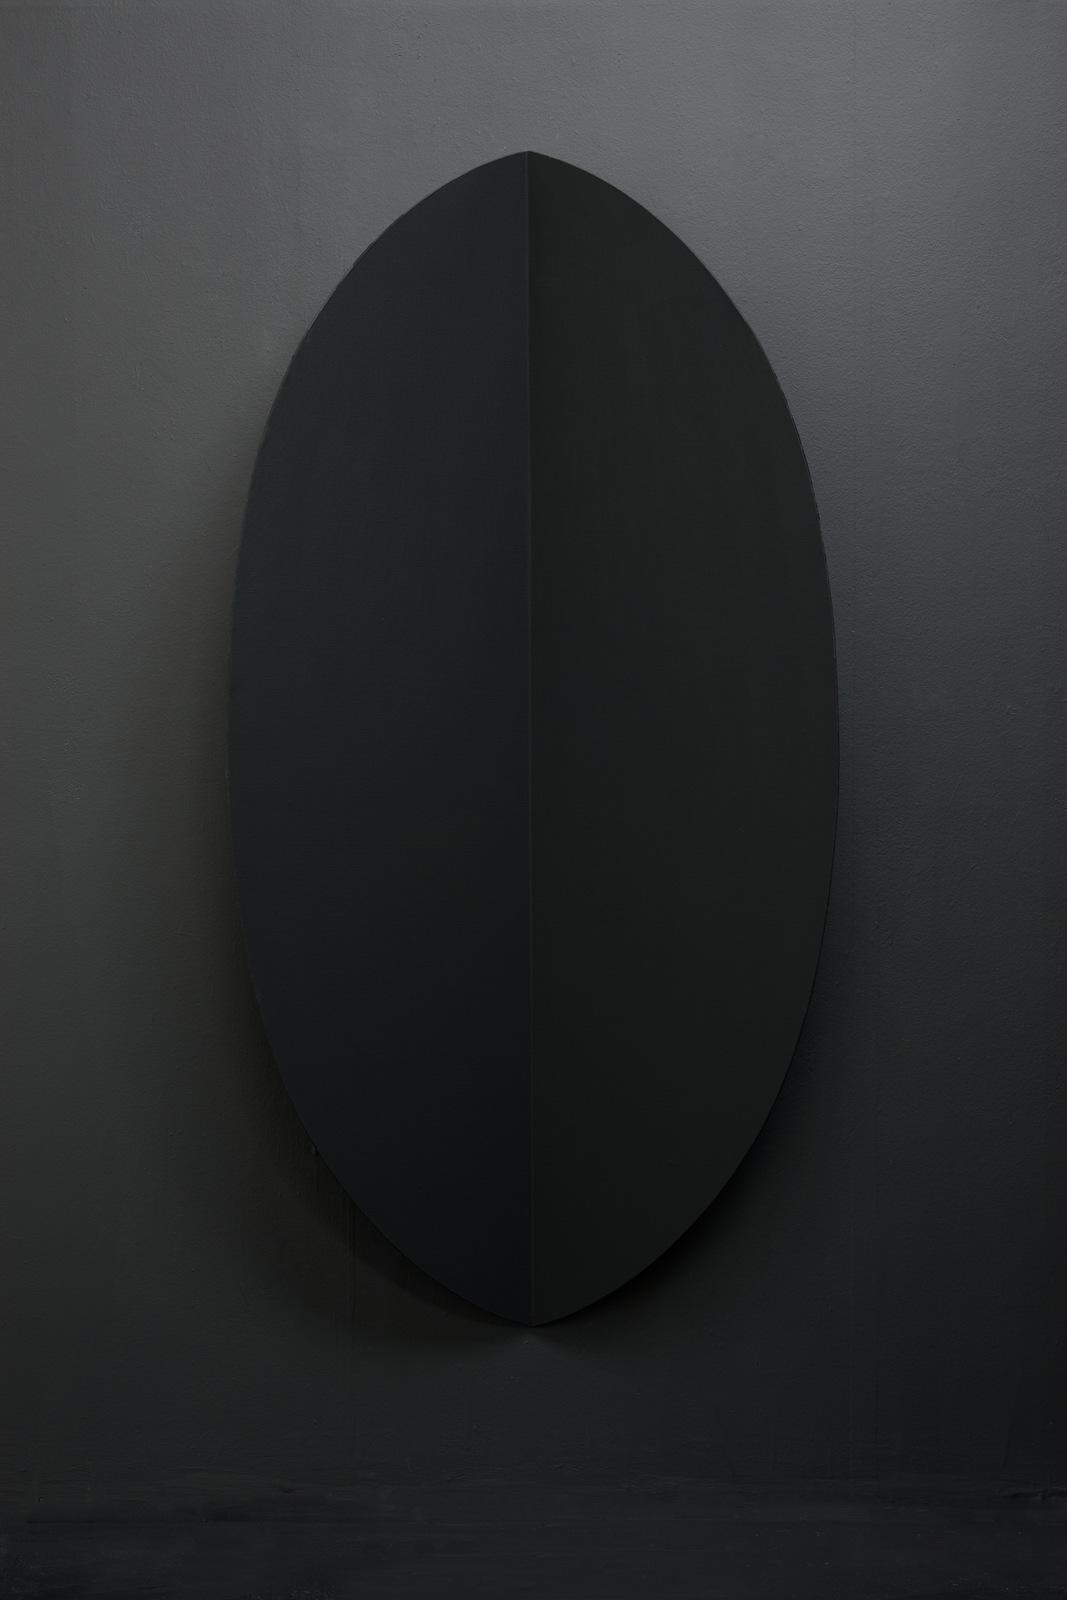 Ryan Estep - Tool (PV6V1), 2016